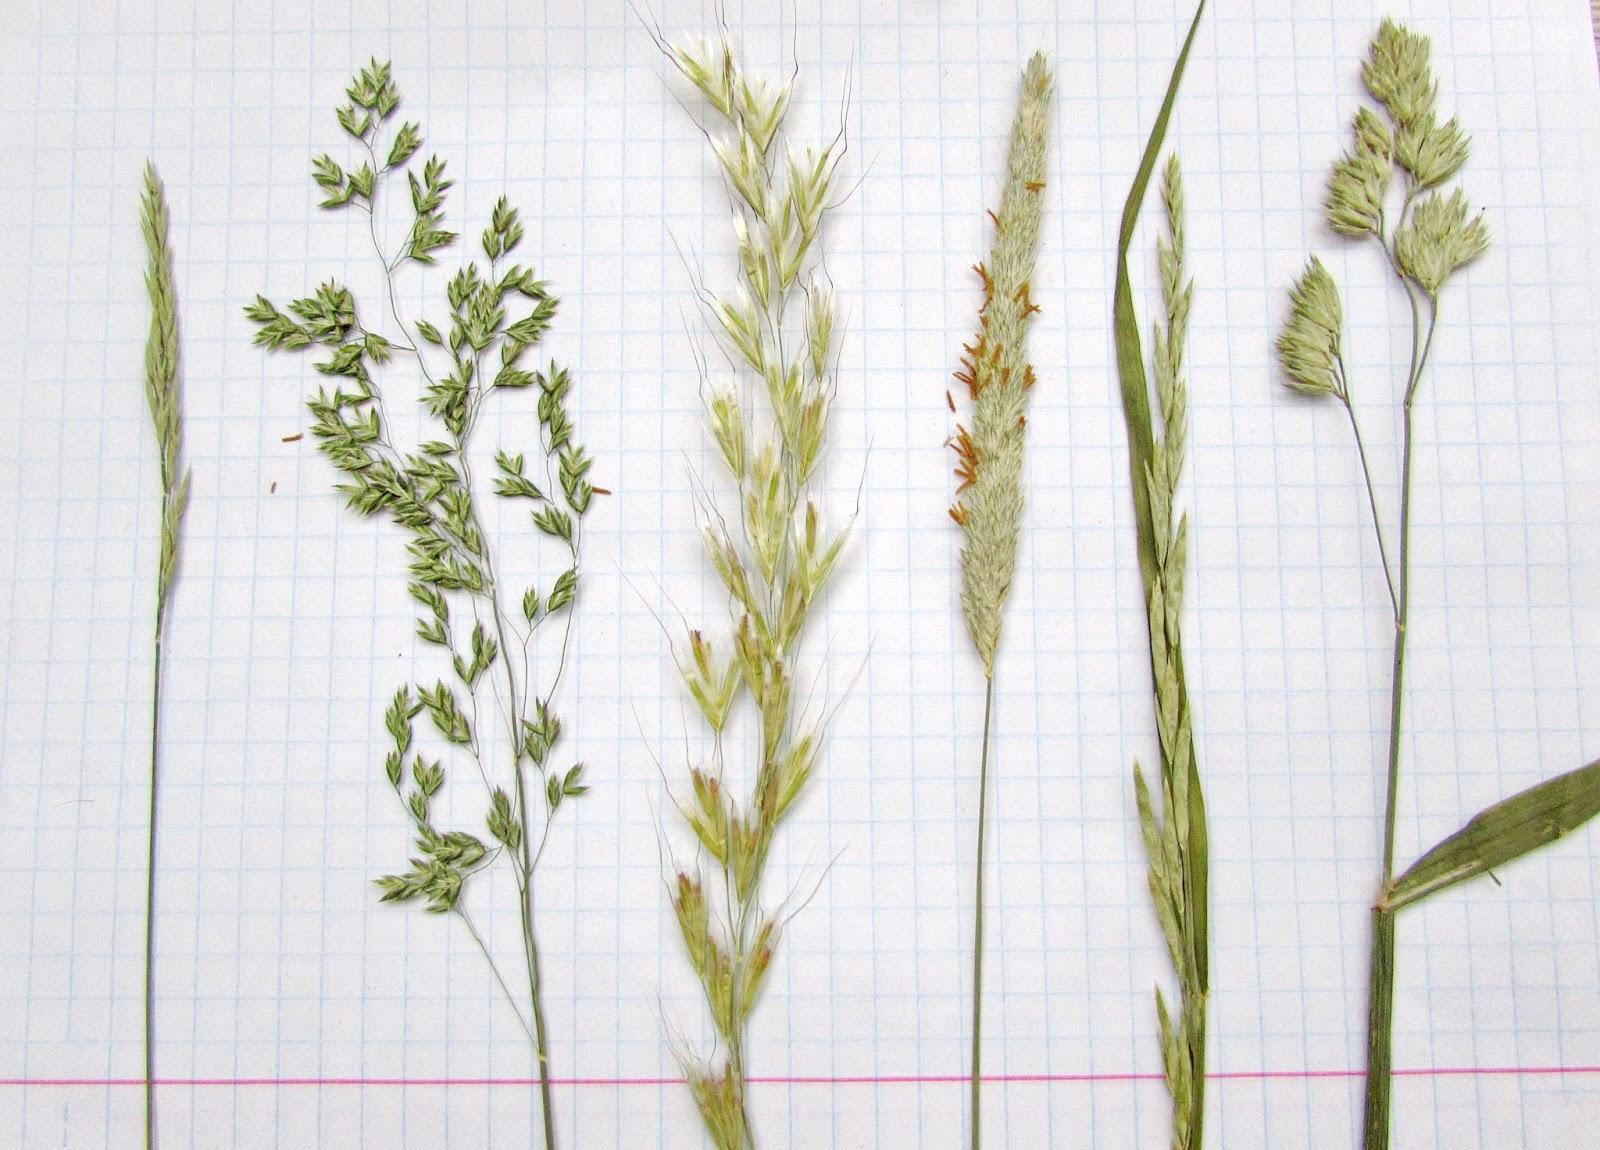 Зерновые злаковые культуры. состав, строение и виды. - укрепление здоровья